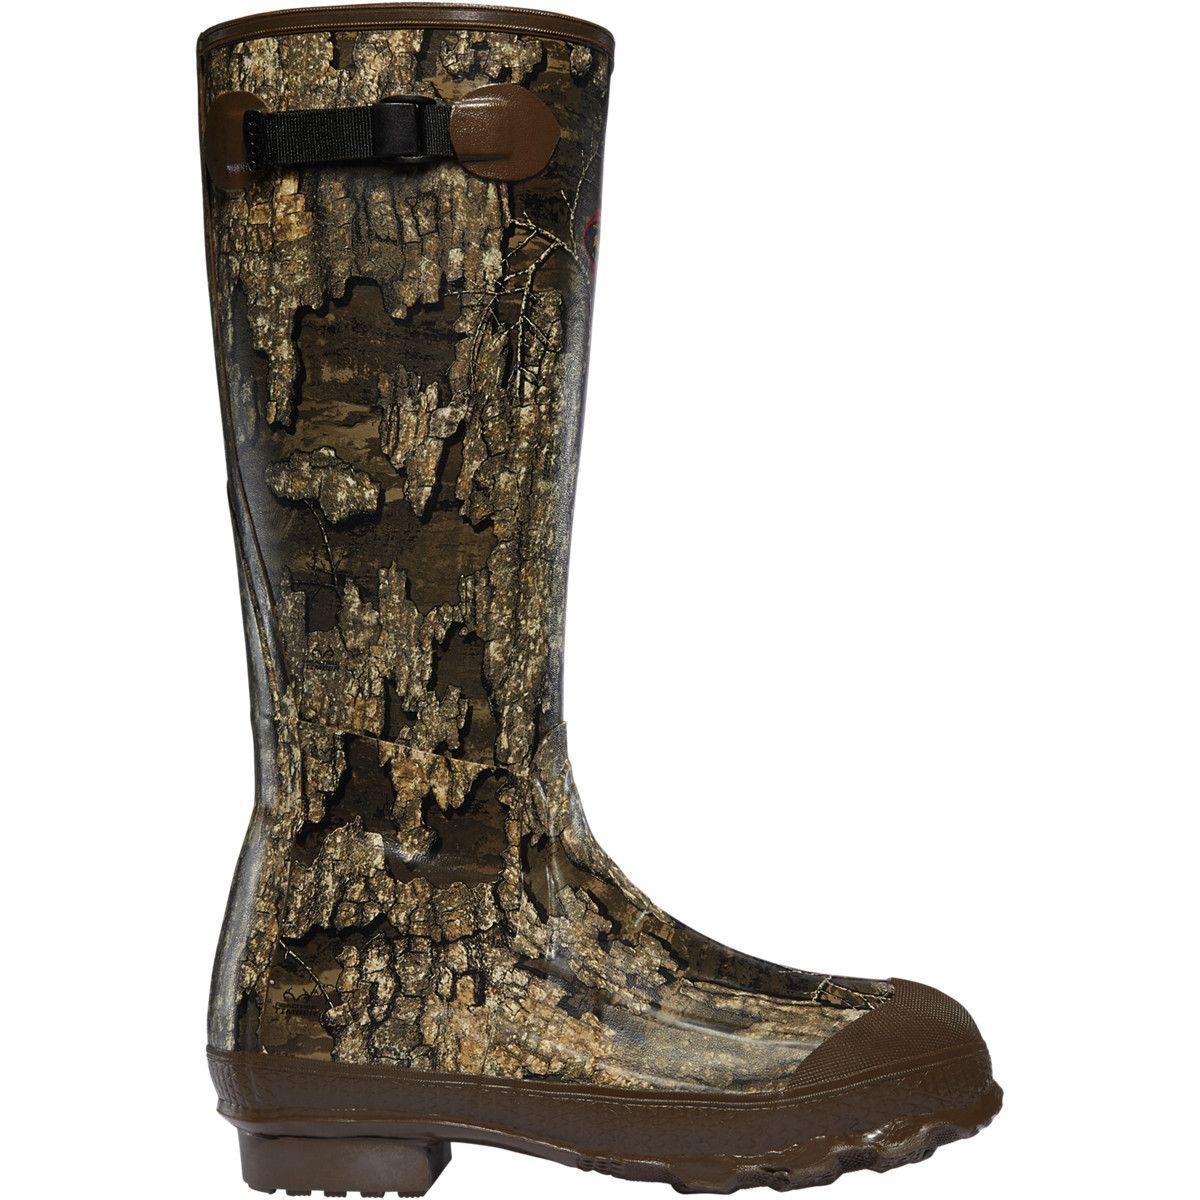 LaCrosse Footwear 266041